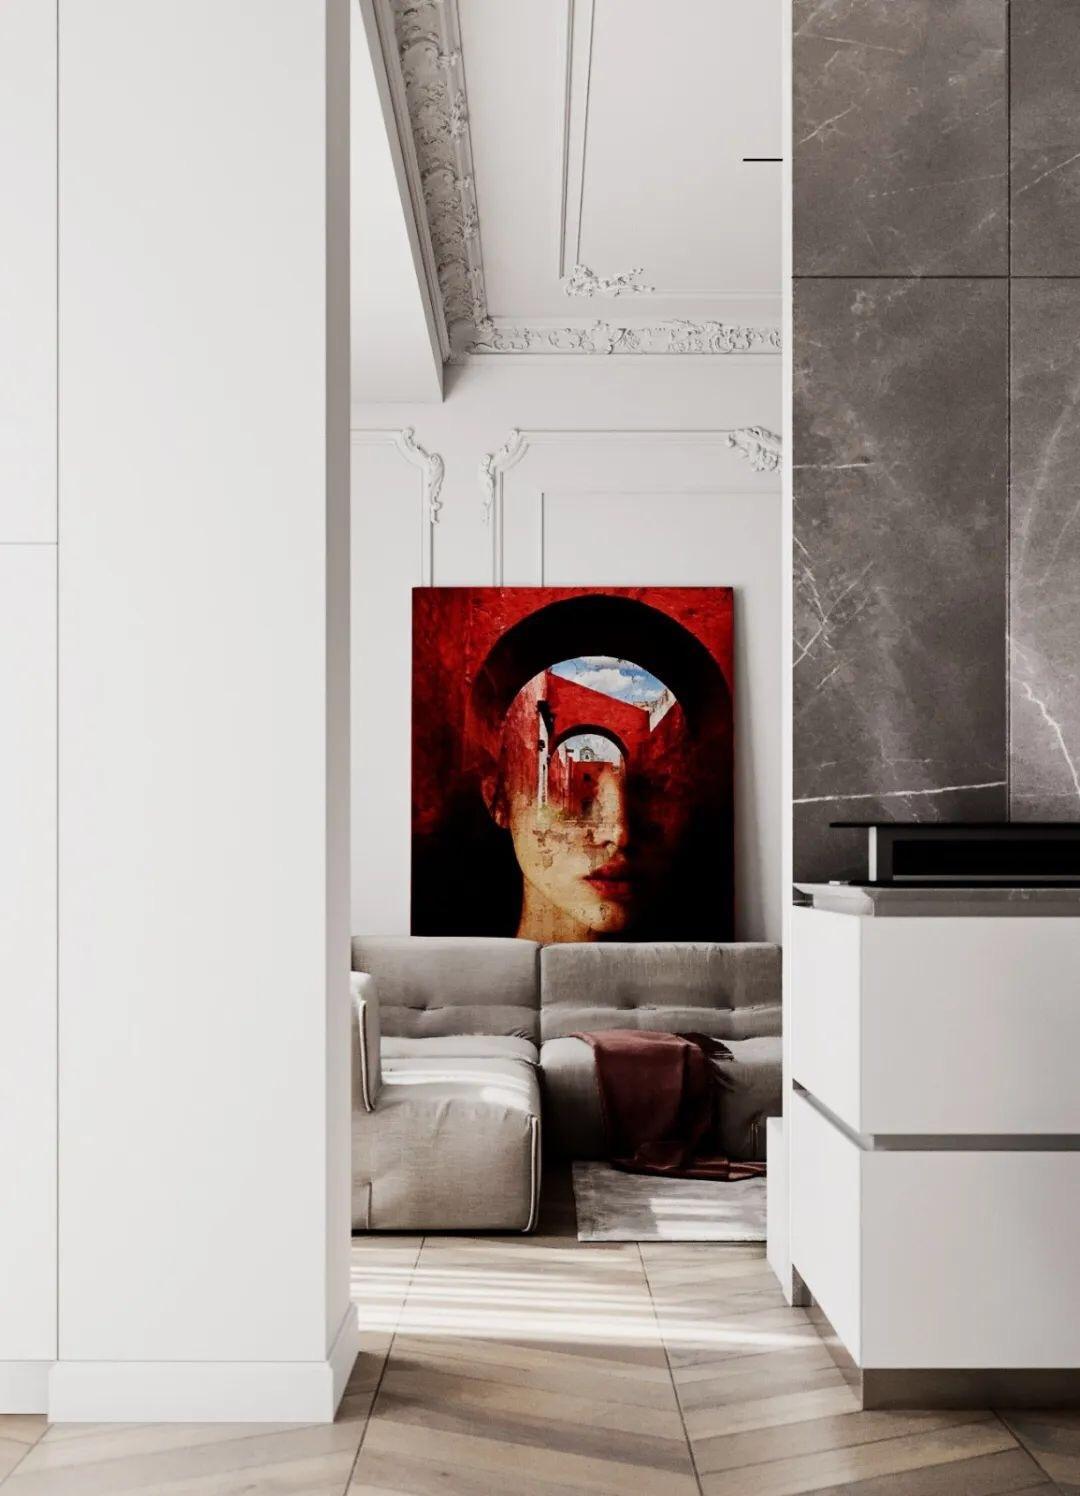 摩尔多瓦|贝尔纳达齐公寓 国内外知名设计师设计作品140套(更新202